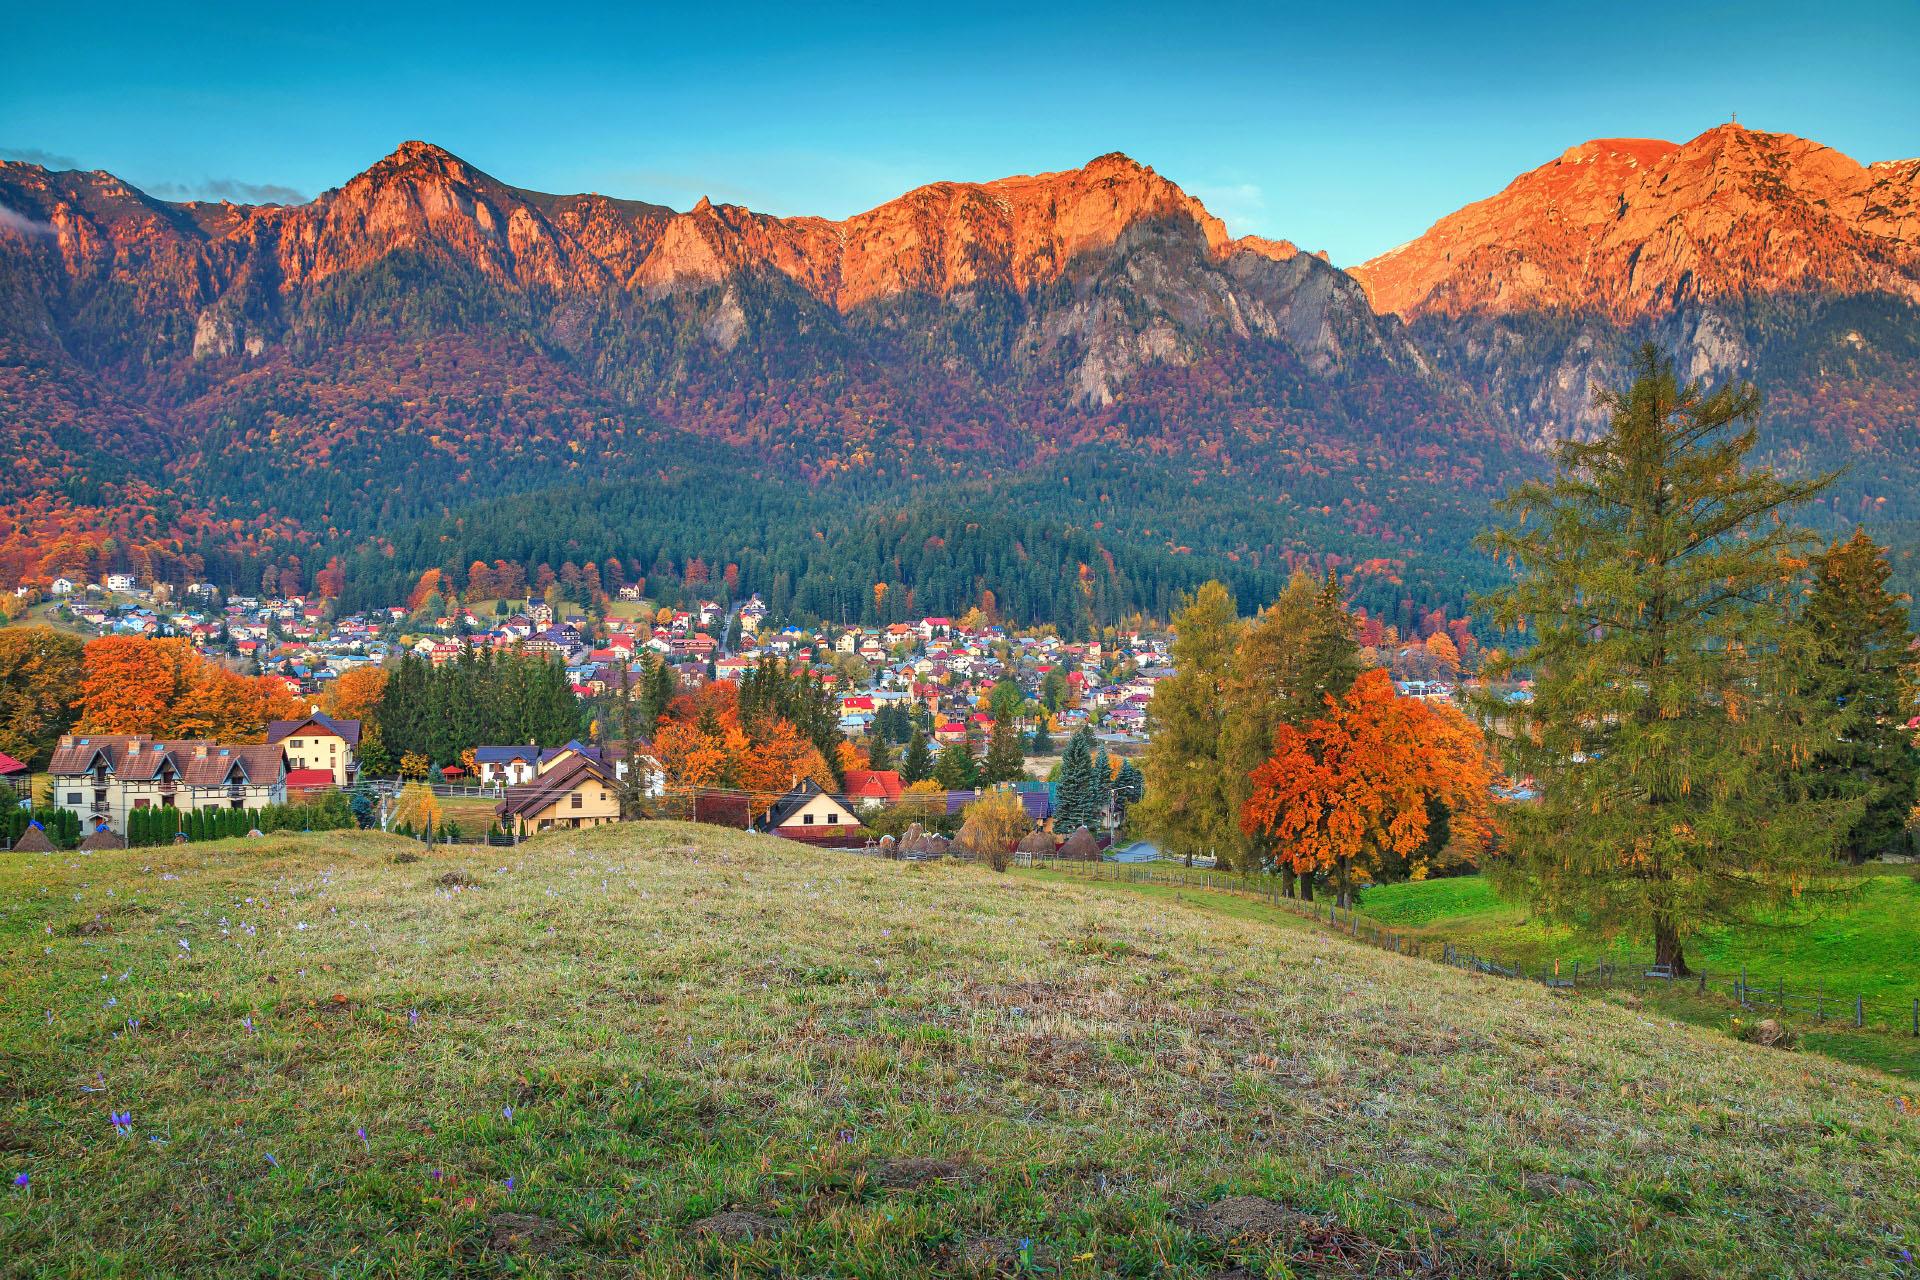 秋の朝の風景 プラホヴァ渓谷 ルーマニアの風景